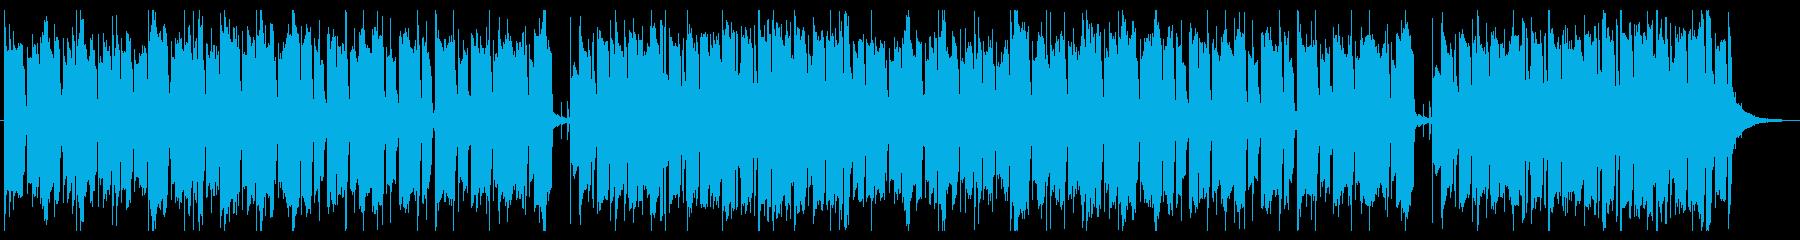 レシピ動画のBGMをイメージしたインストの再生済みの波形